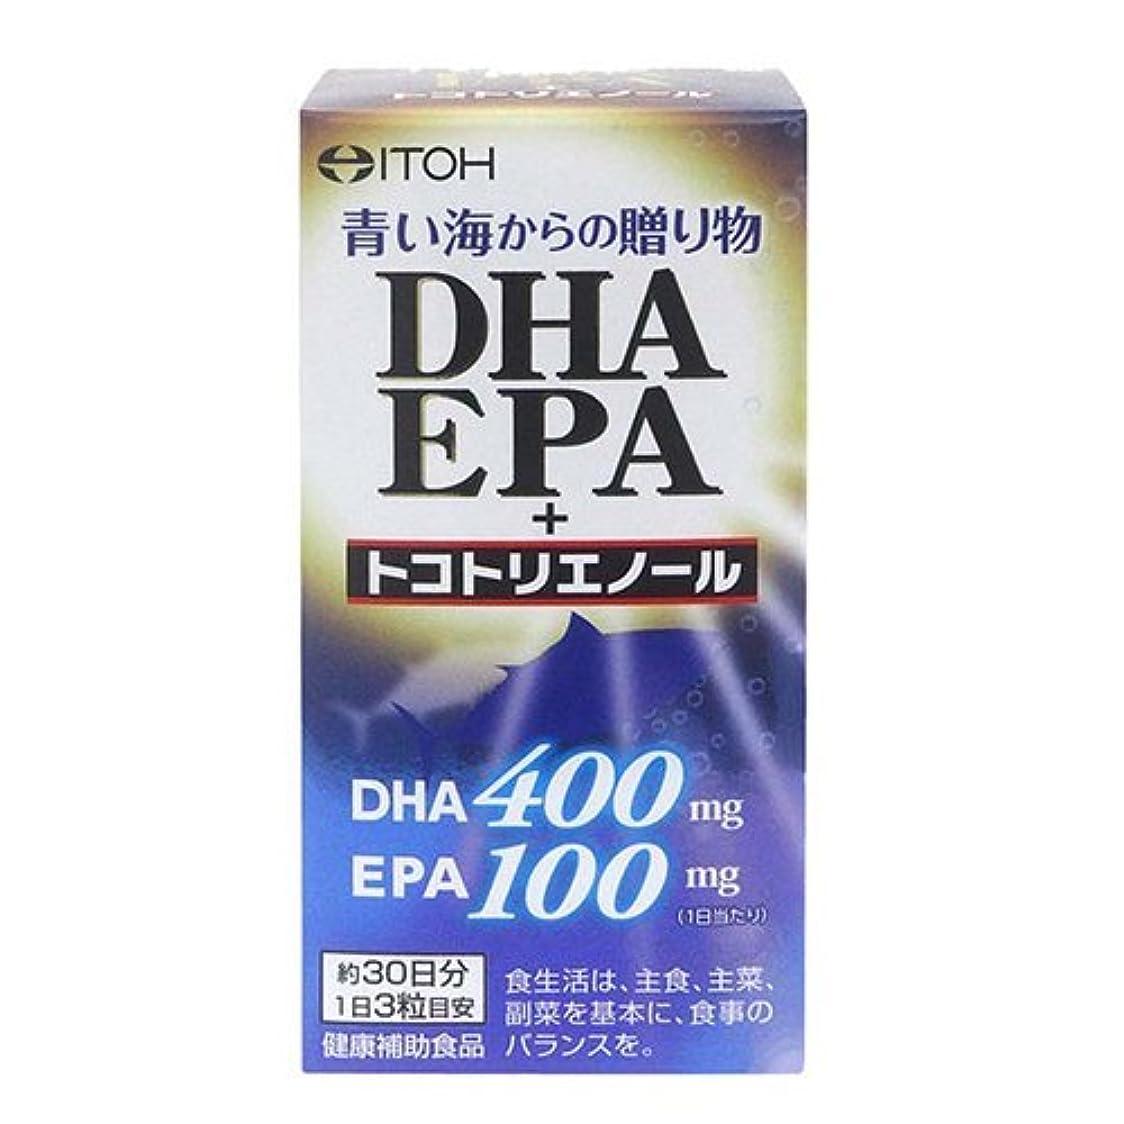 水素権限を与えるアッパー井藤漢方製薬 DHA EPA+トコトリエノール 約30日分 90粒 Japan